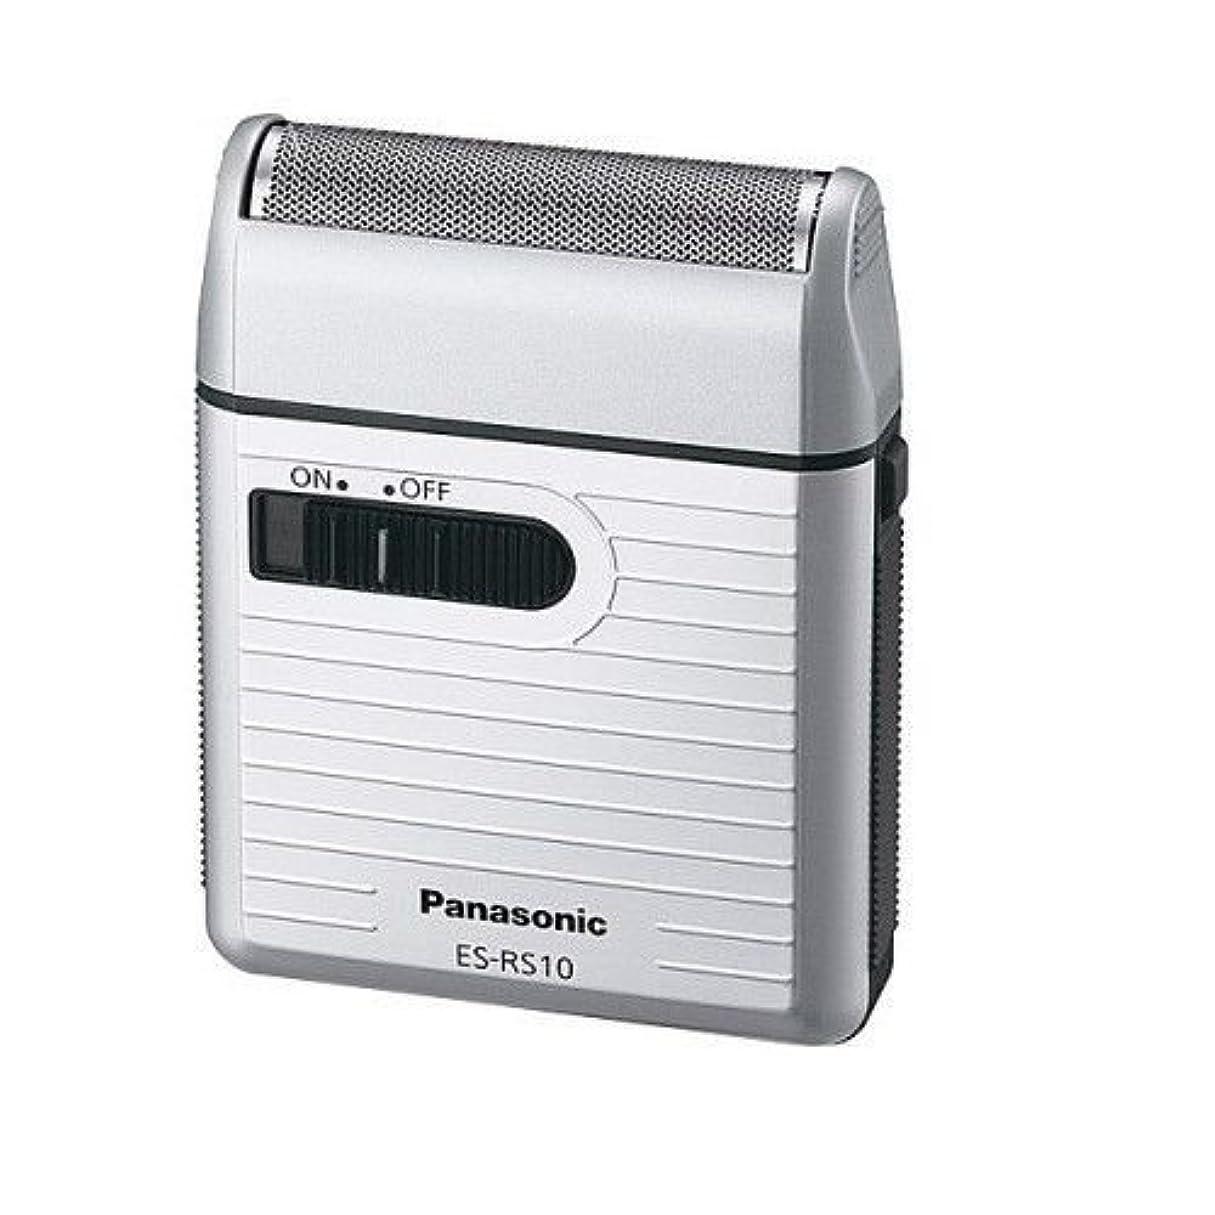 持つ大声で偽Panasonic ES-RS10-S ンズポケットシェーバーシルバー ESRS10 日本製 [並行輸入品]